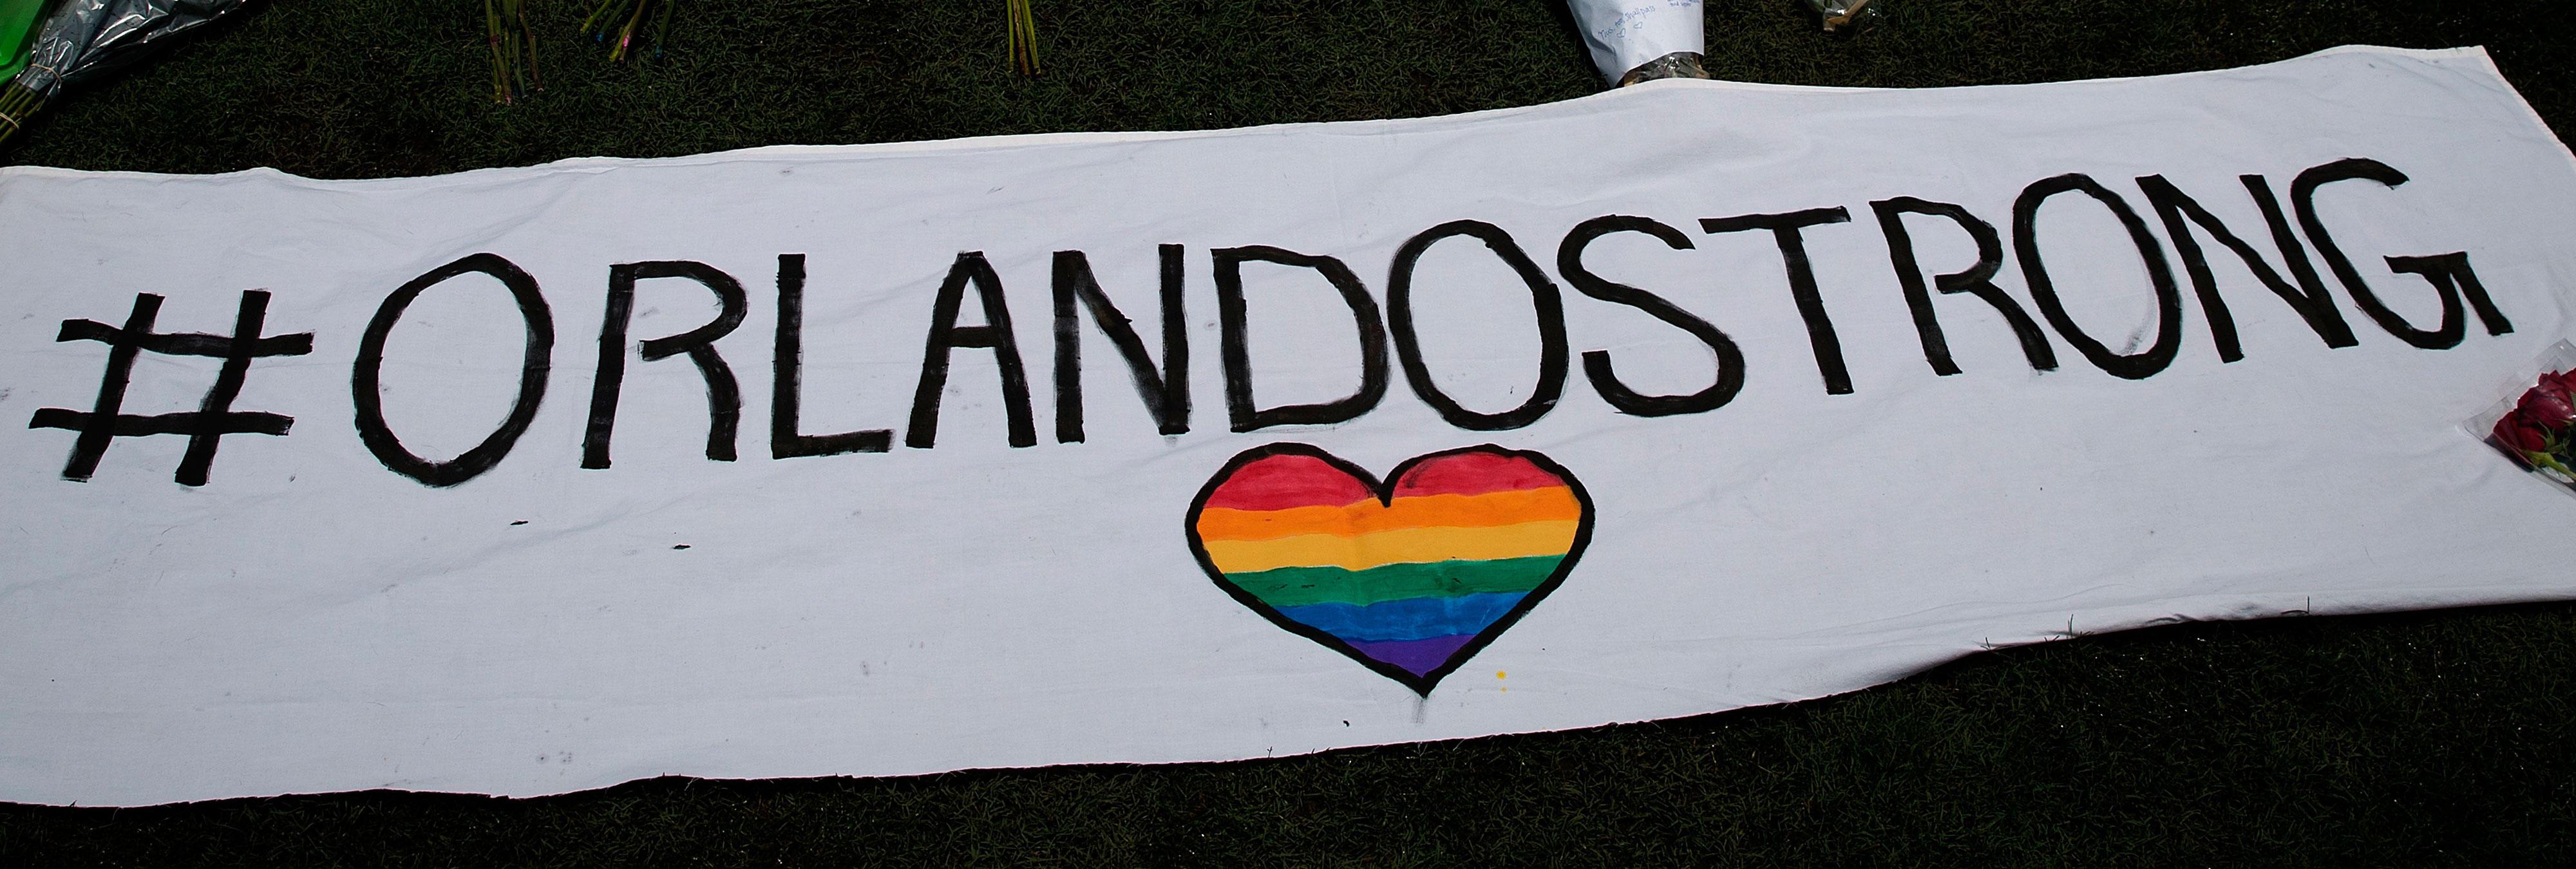 Declaran el 12 de junio el 'Día del amor y la bondad' en recuerdo a las víctimas de la matanza de Orlando